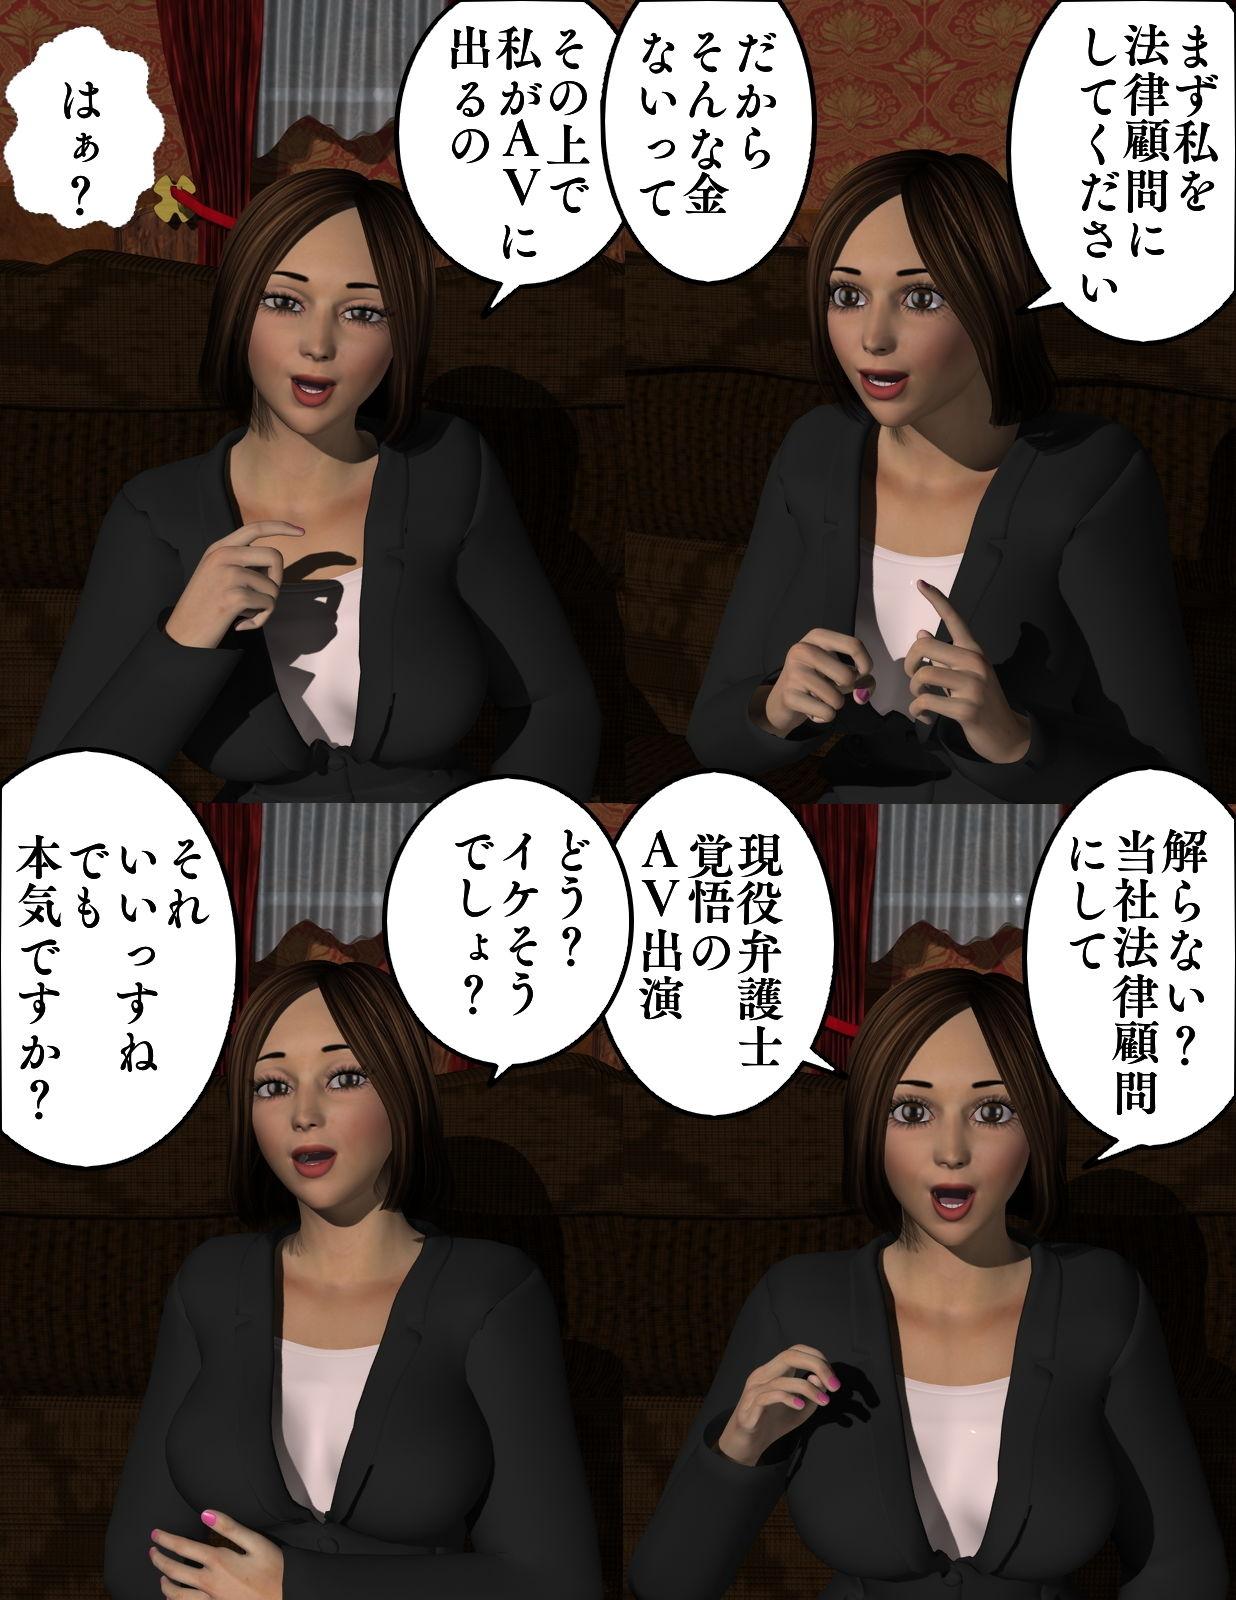 潜入II 弁護士 塩村敦子(ソフトサークルタンデム) [d_170308] 9